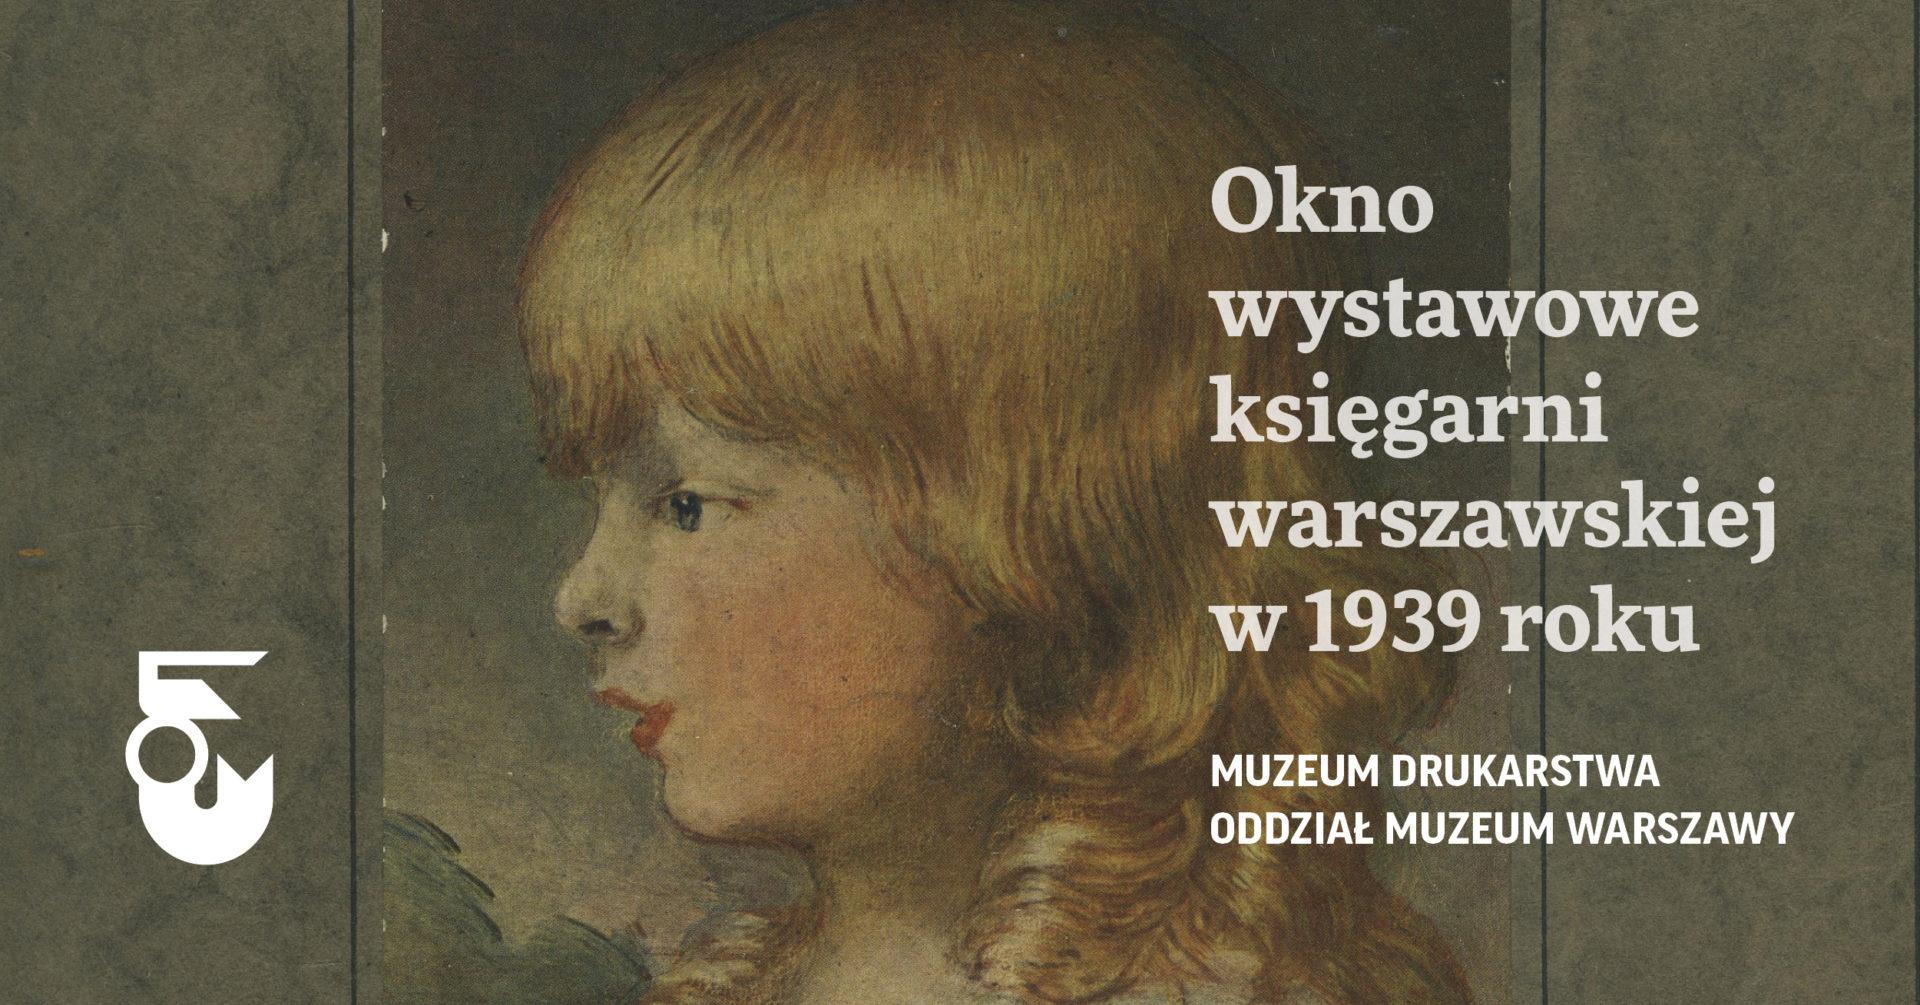 """""""Okno wystawowe księgarni warszawskiej w1939 roku"""" – nowa wystawa wMuzeum Drukarstwa"""